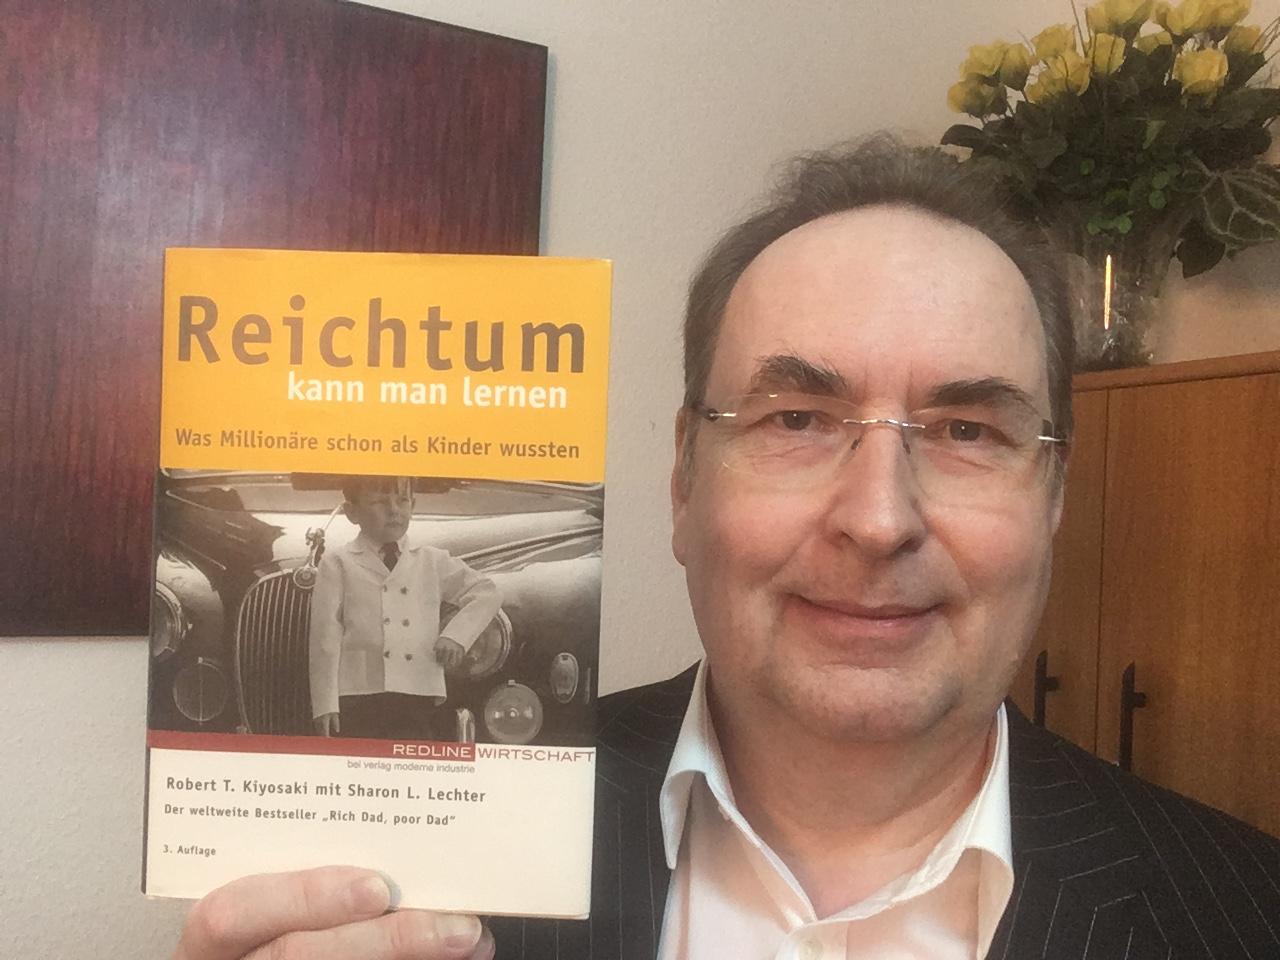 Robert Kiyosaki Finanzbuch Reichtum kann man lernen